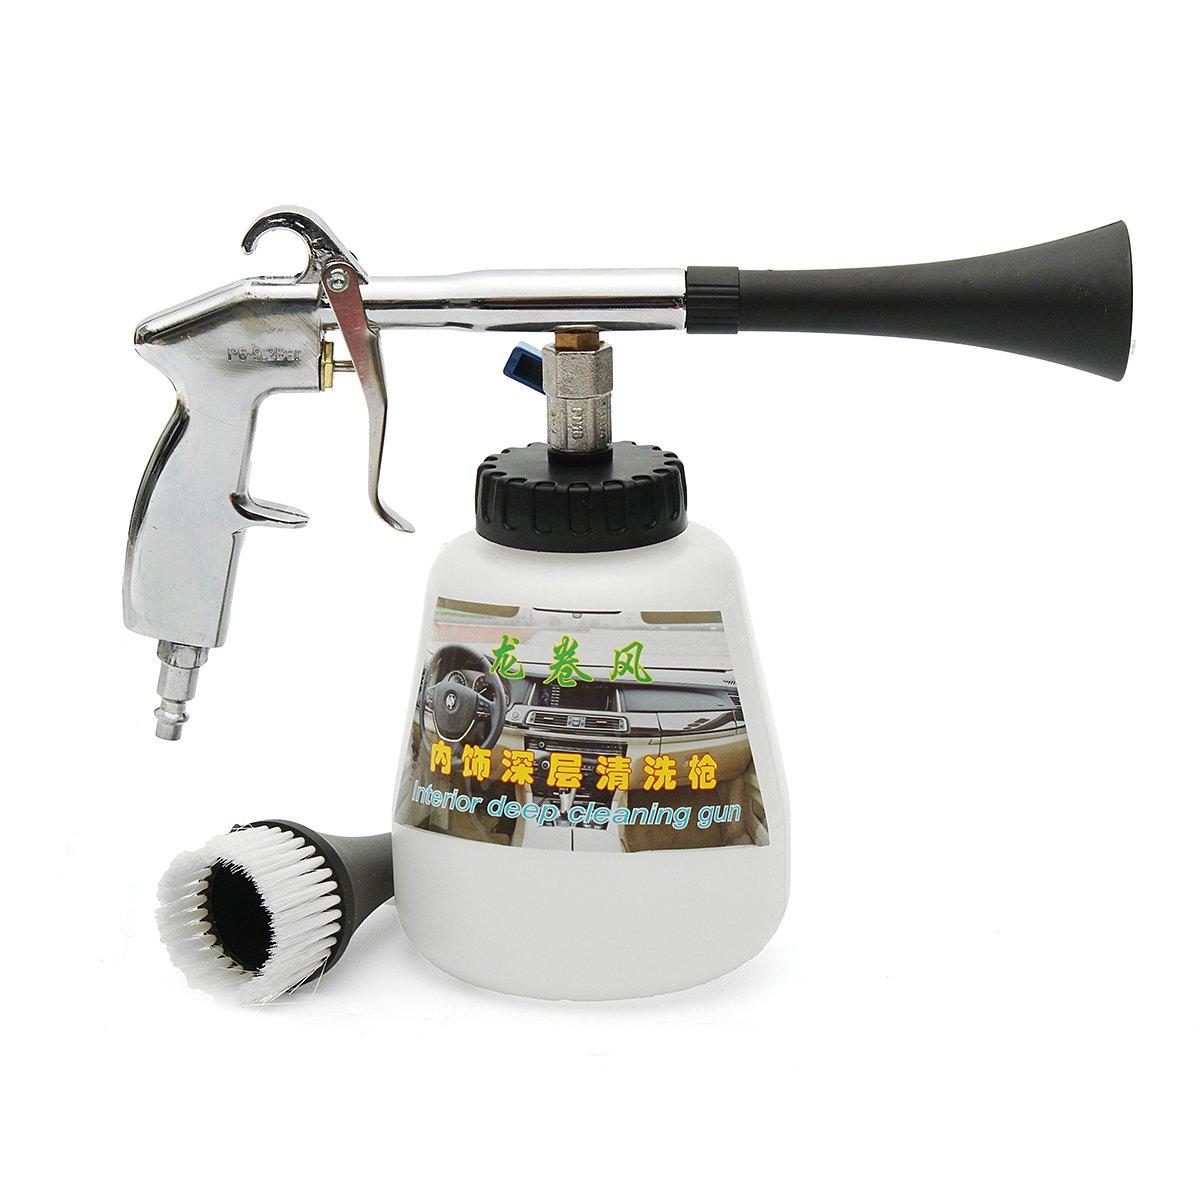 Leeminus - Pistola ad alta pressione per la pulizia auto, per superfici interne ed esterne